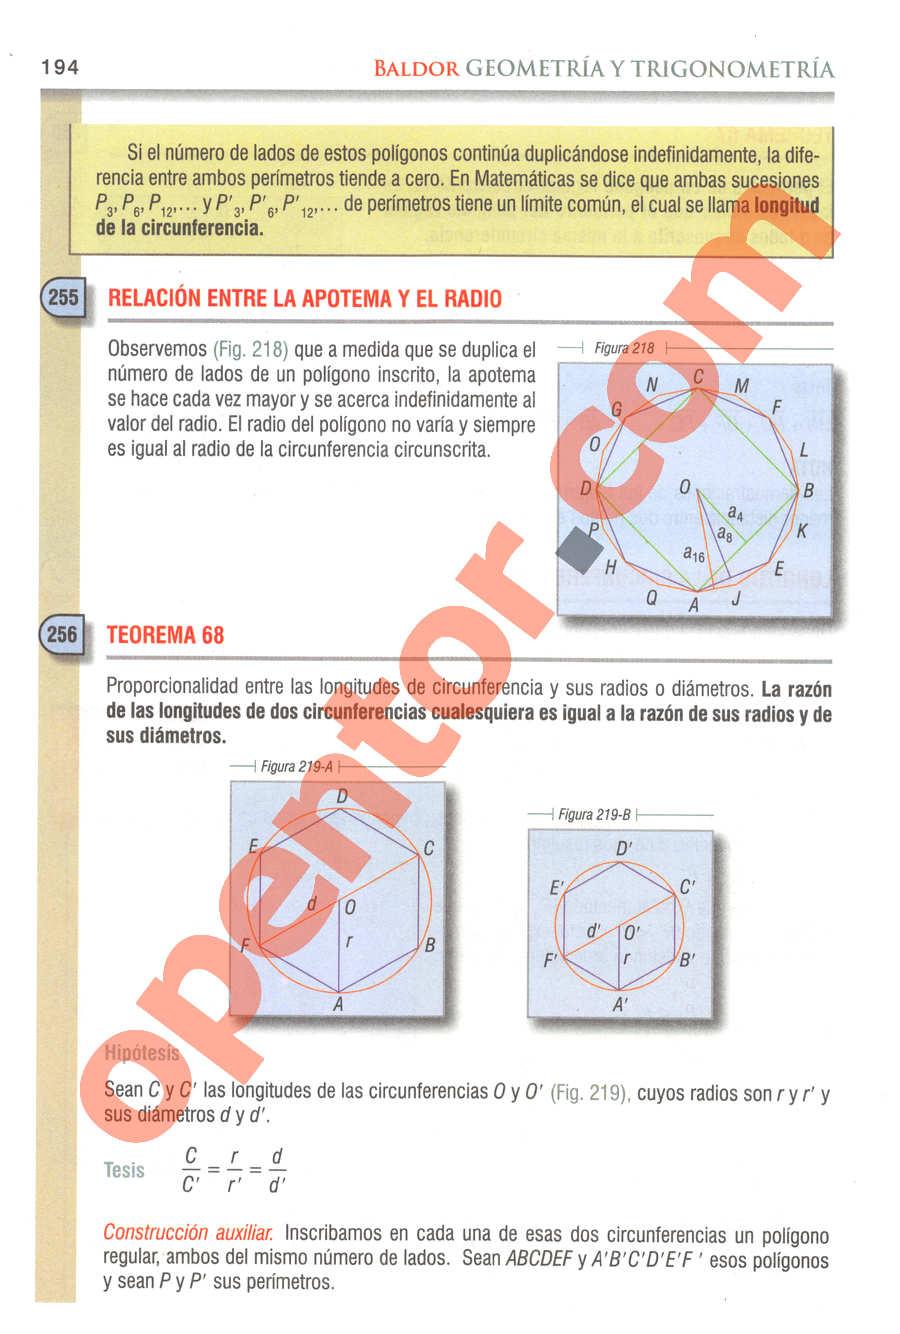 Geometría y Trigonometría de Baldor - Página 194